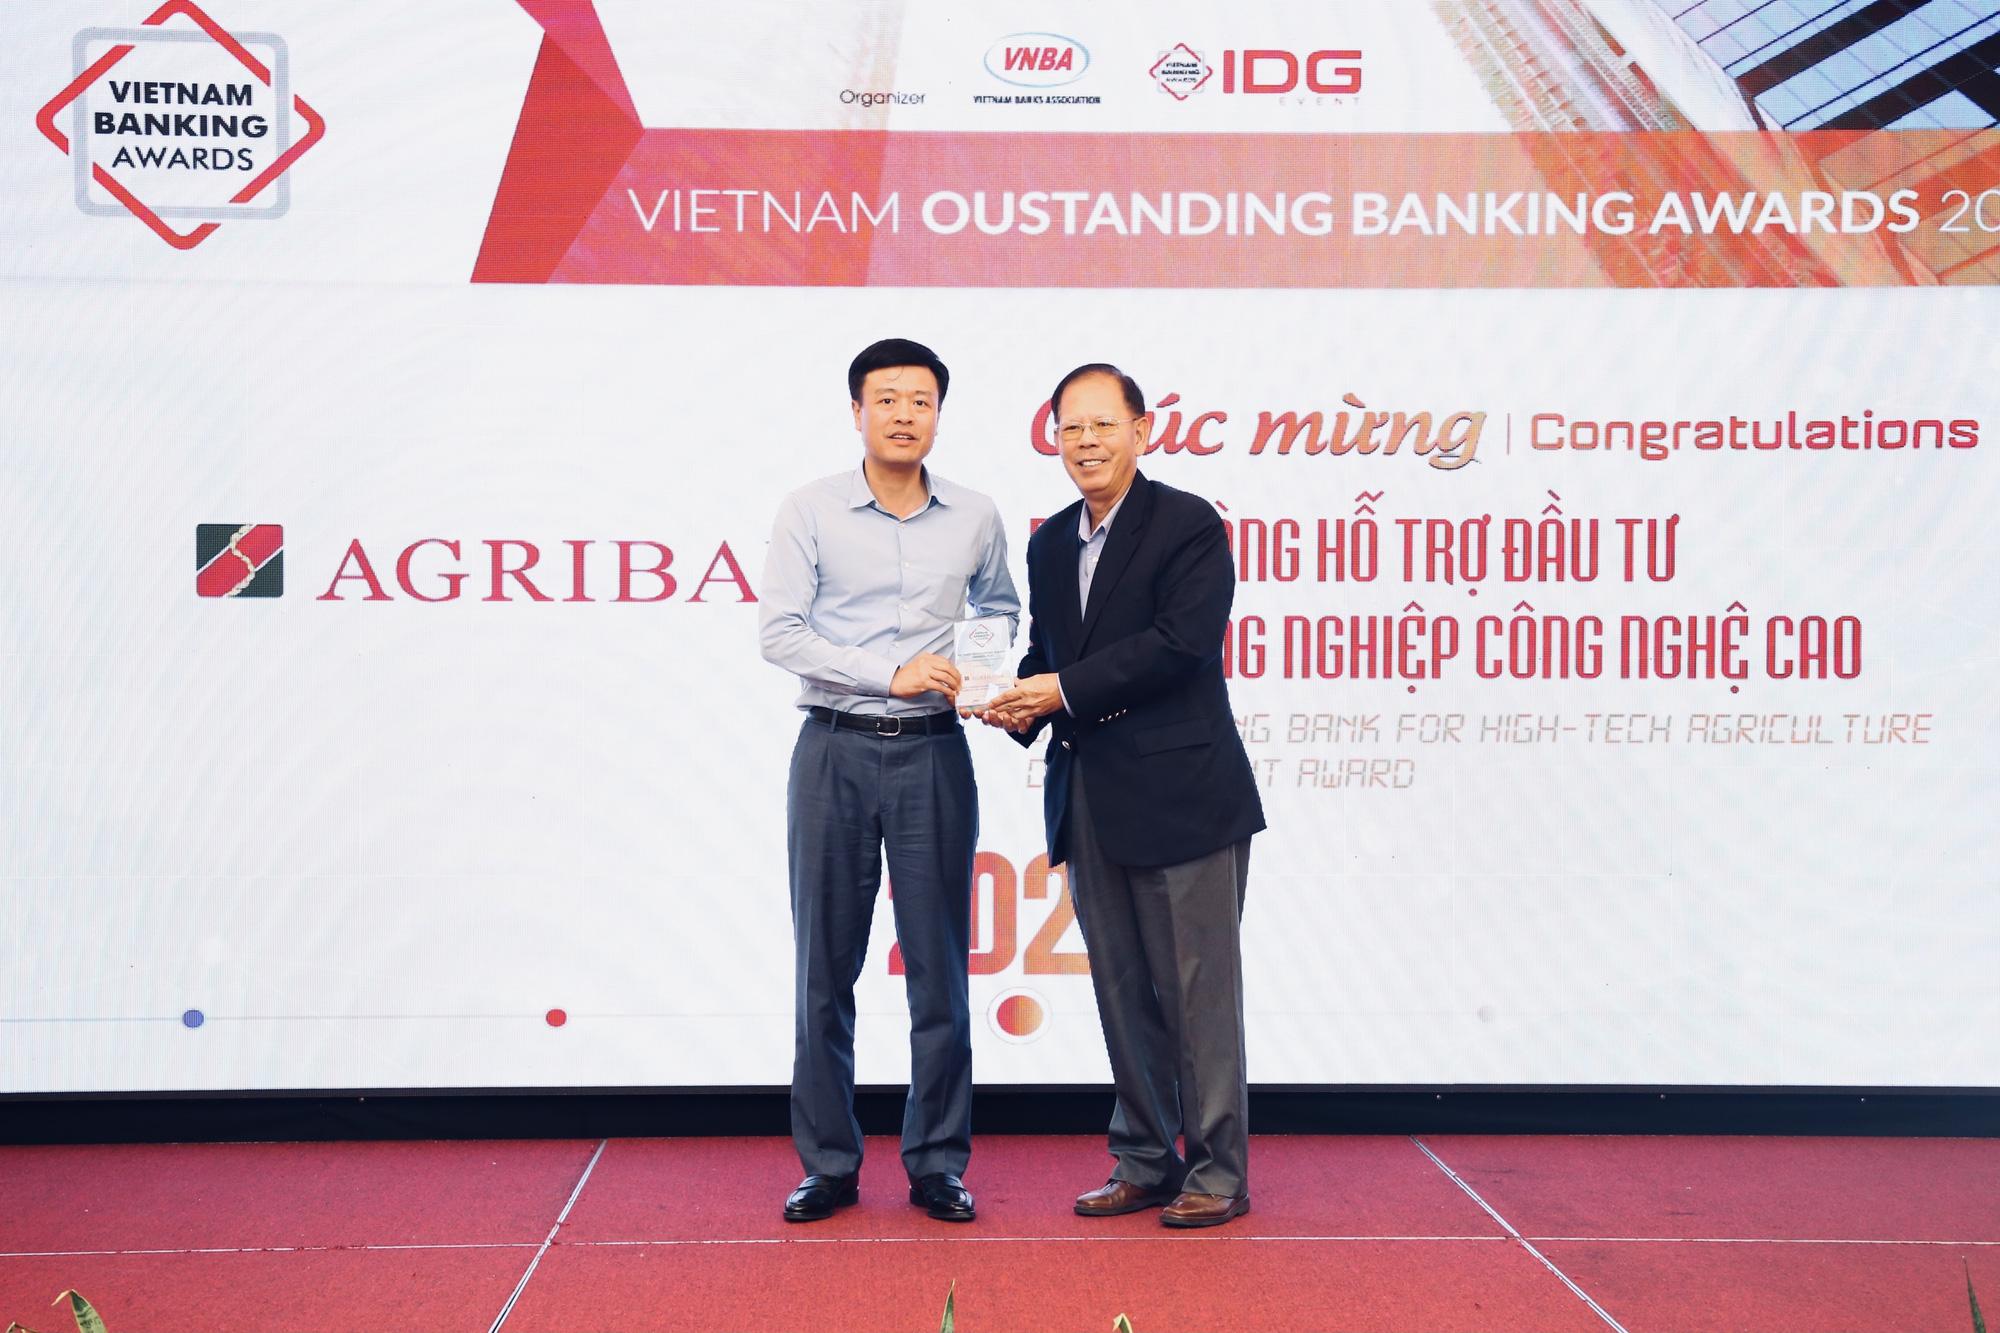 Agribank được vinh danh 2 giải thưởng Ngân hàng Việt Nam tiêu biểu 2020 - Ảnh 1.